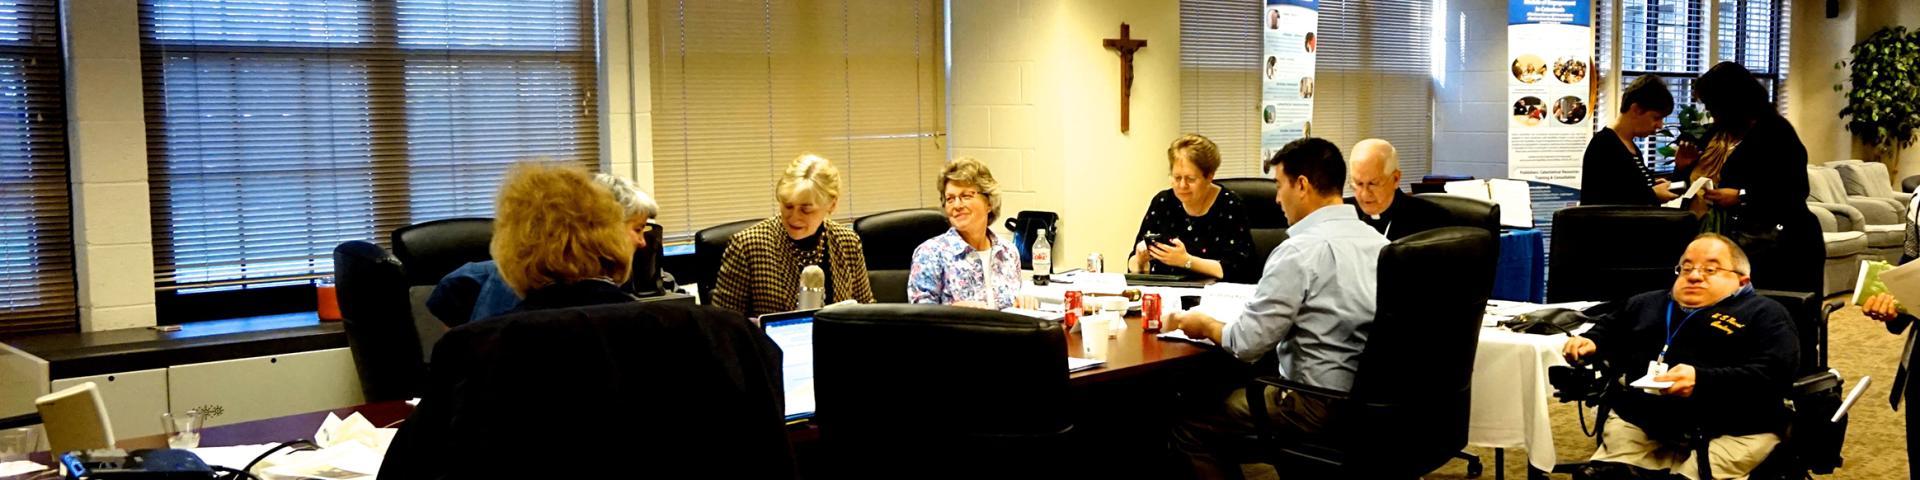 Picture of NCPD volunteers